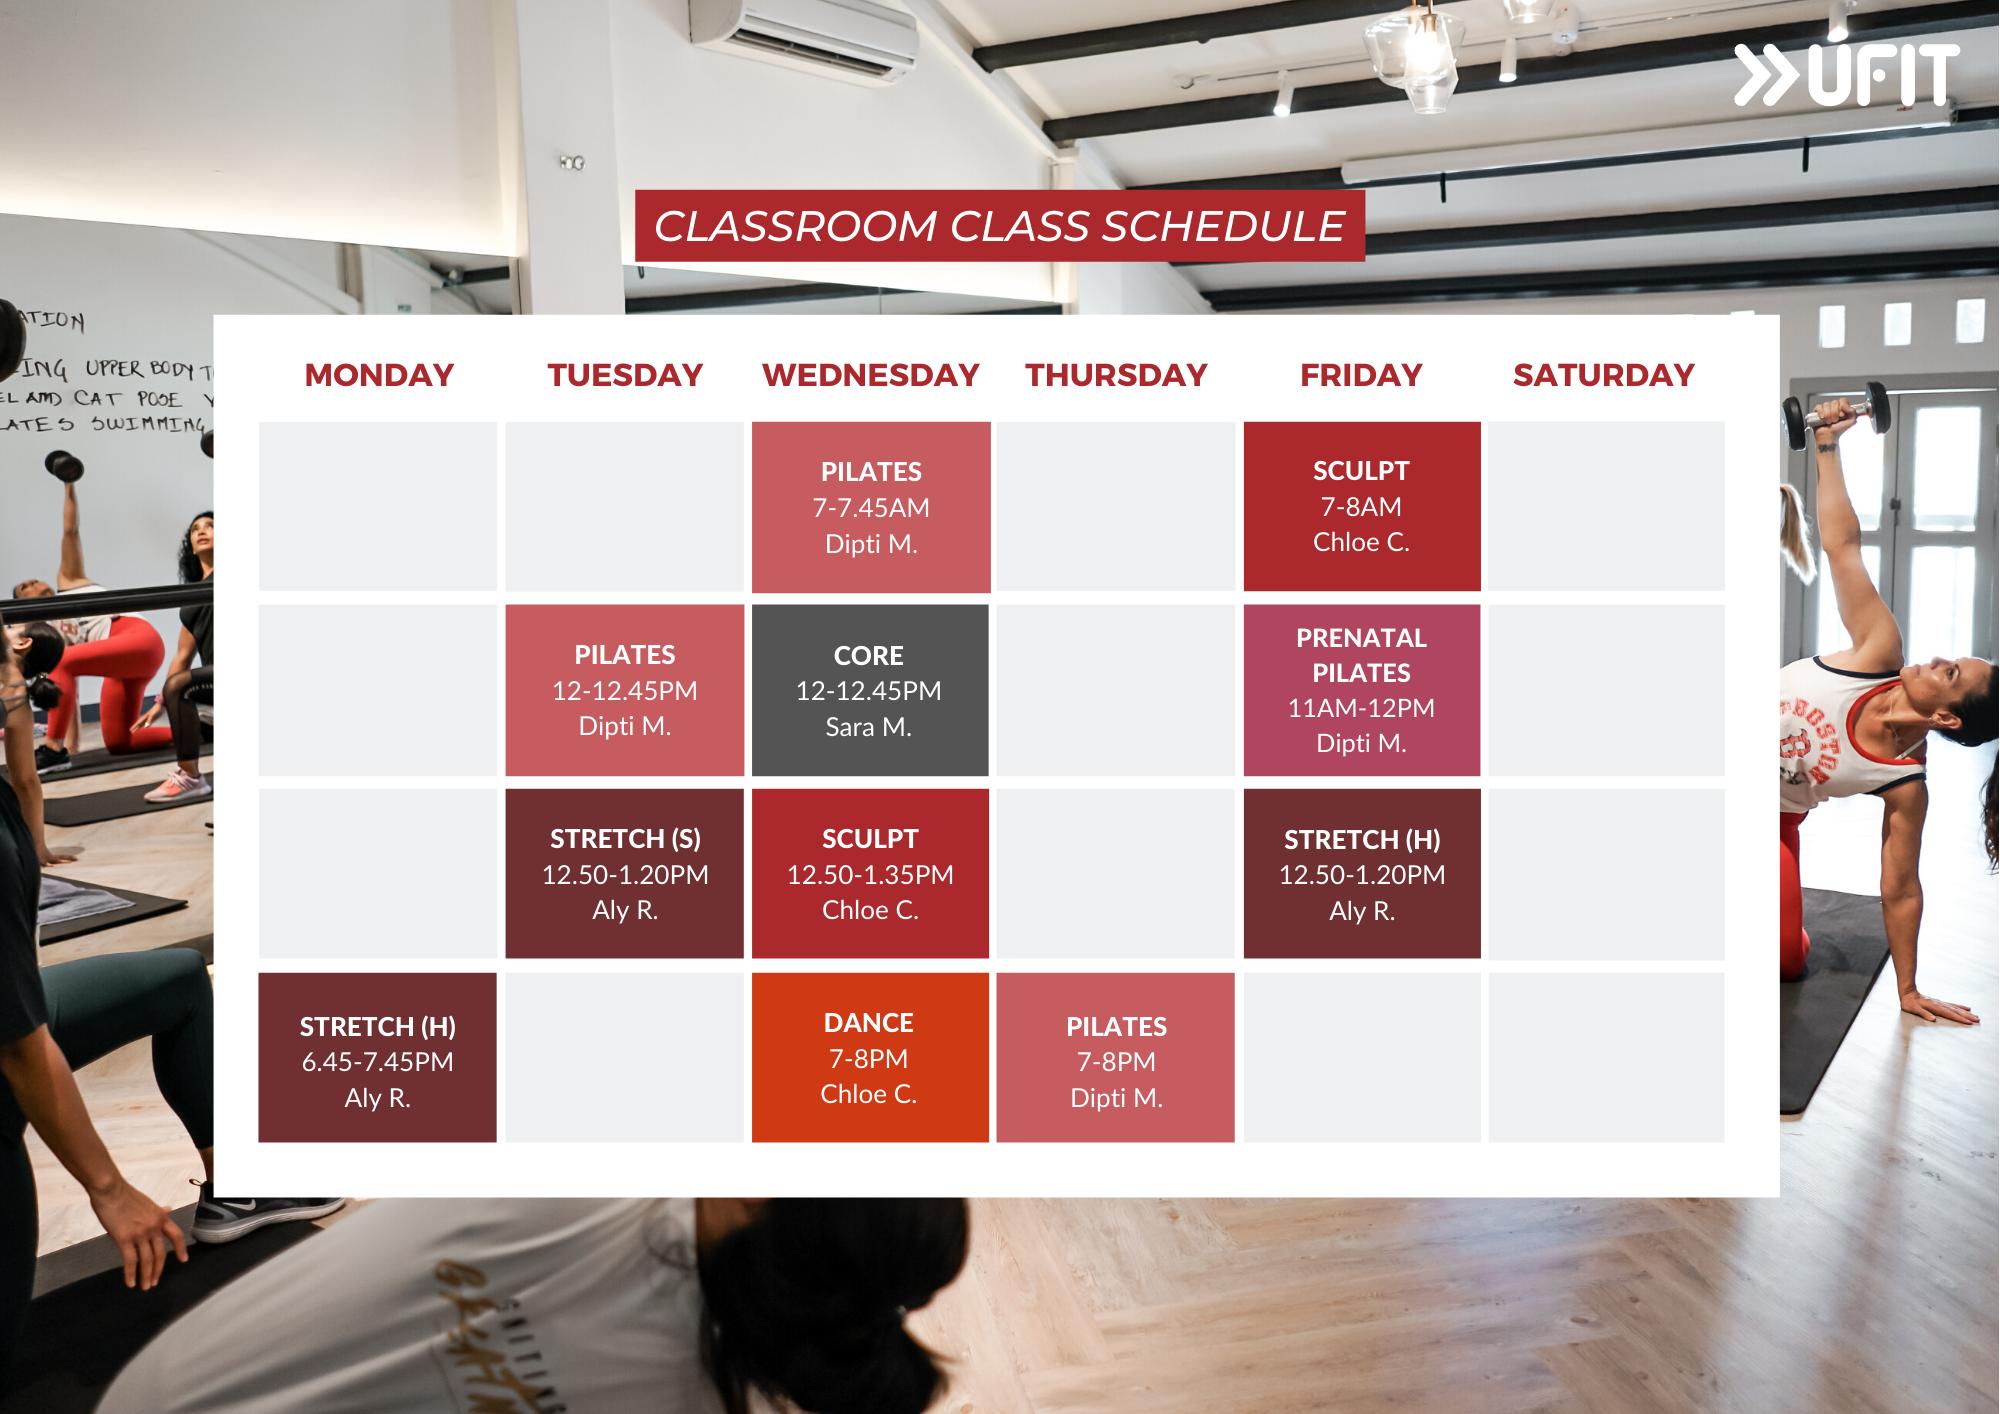 UFIT Club St Indoor Class Classroom Schedule